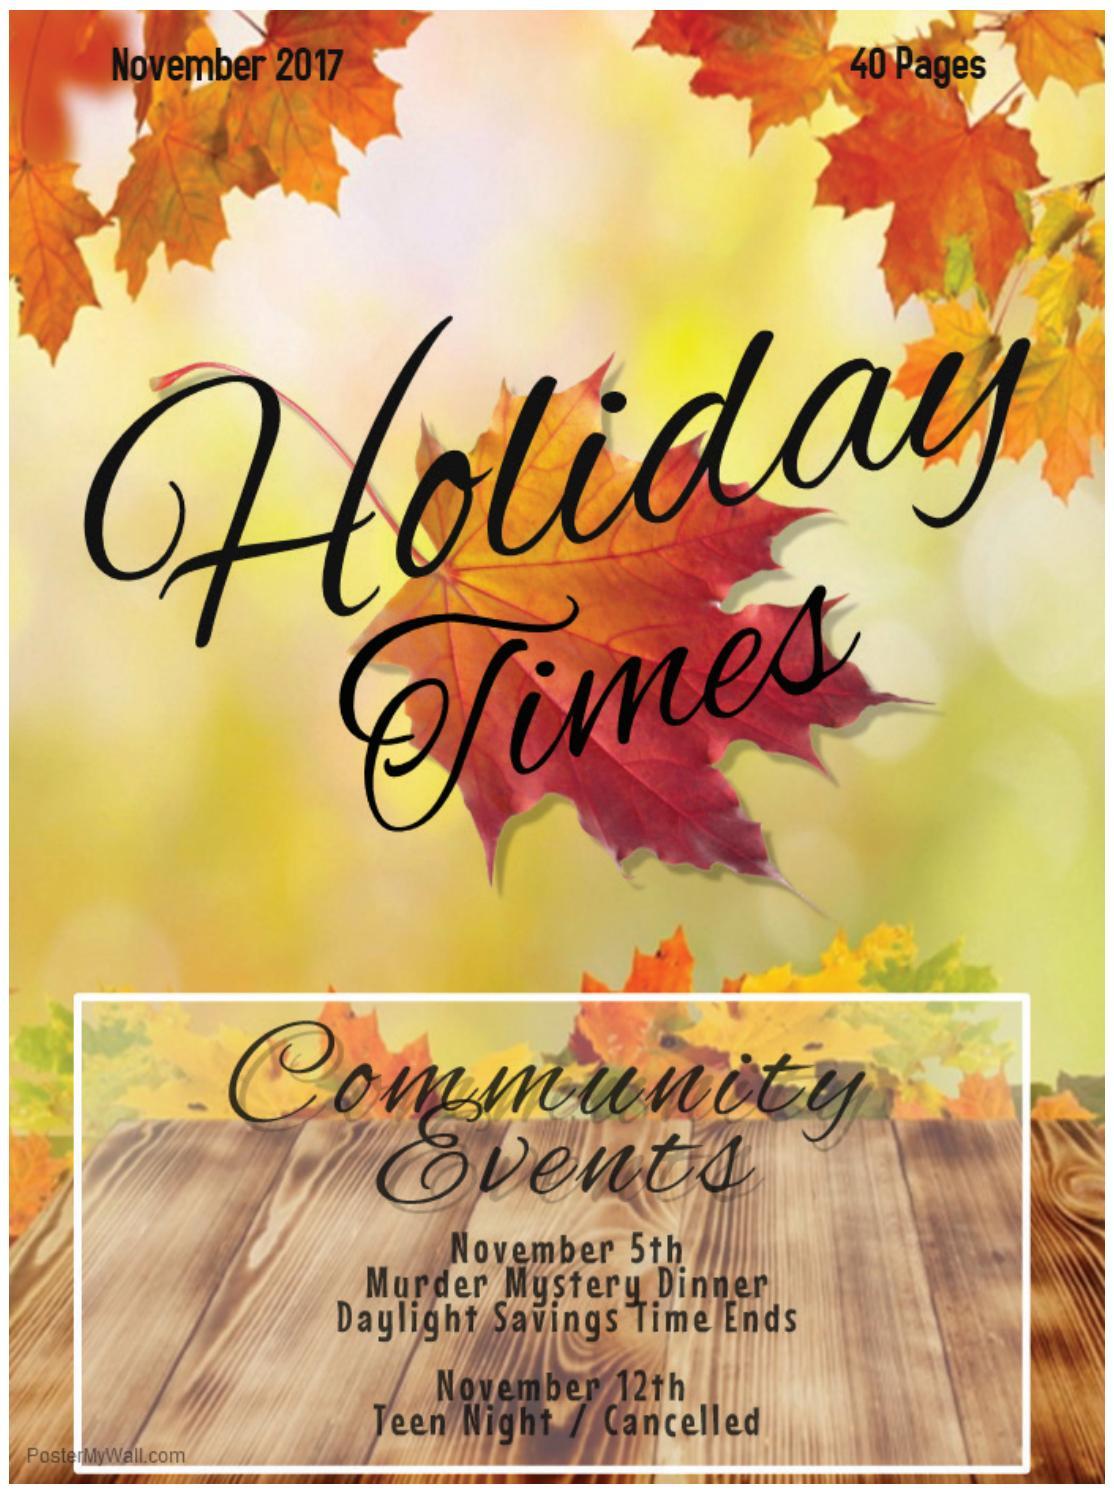 Holiday Times - November 2017 by EDWARDSVILLE PUBLISHING - issuu